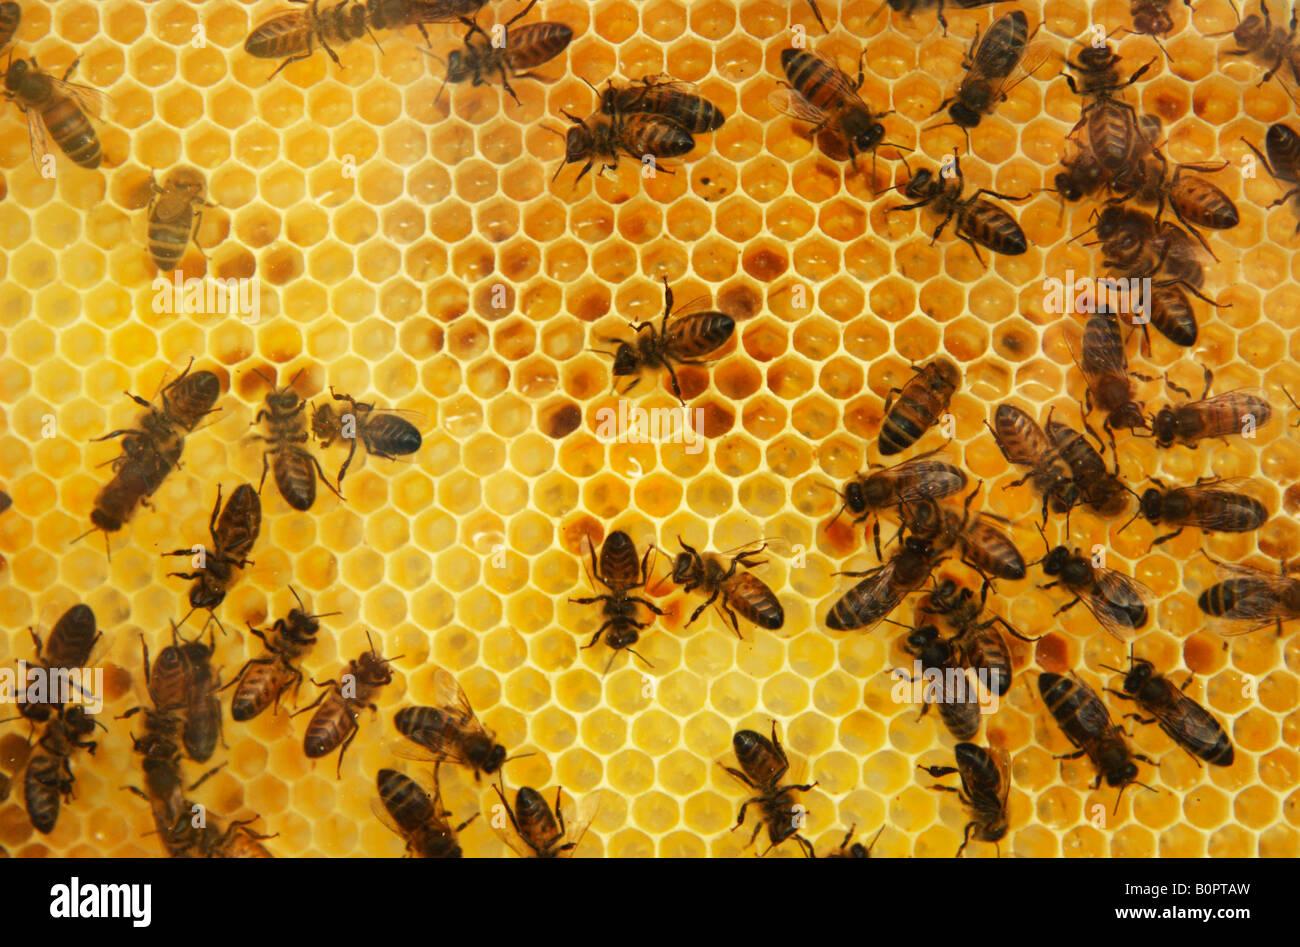 Bienen arbeiten an einem Honeycombe Behive Rahmen. Stockbild